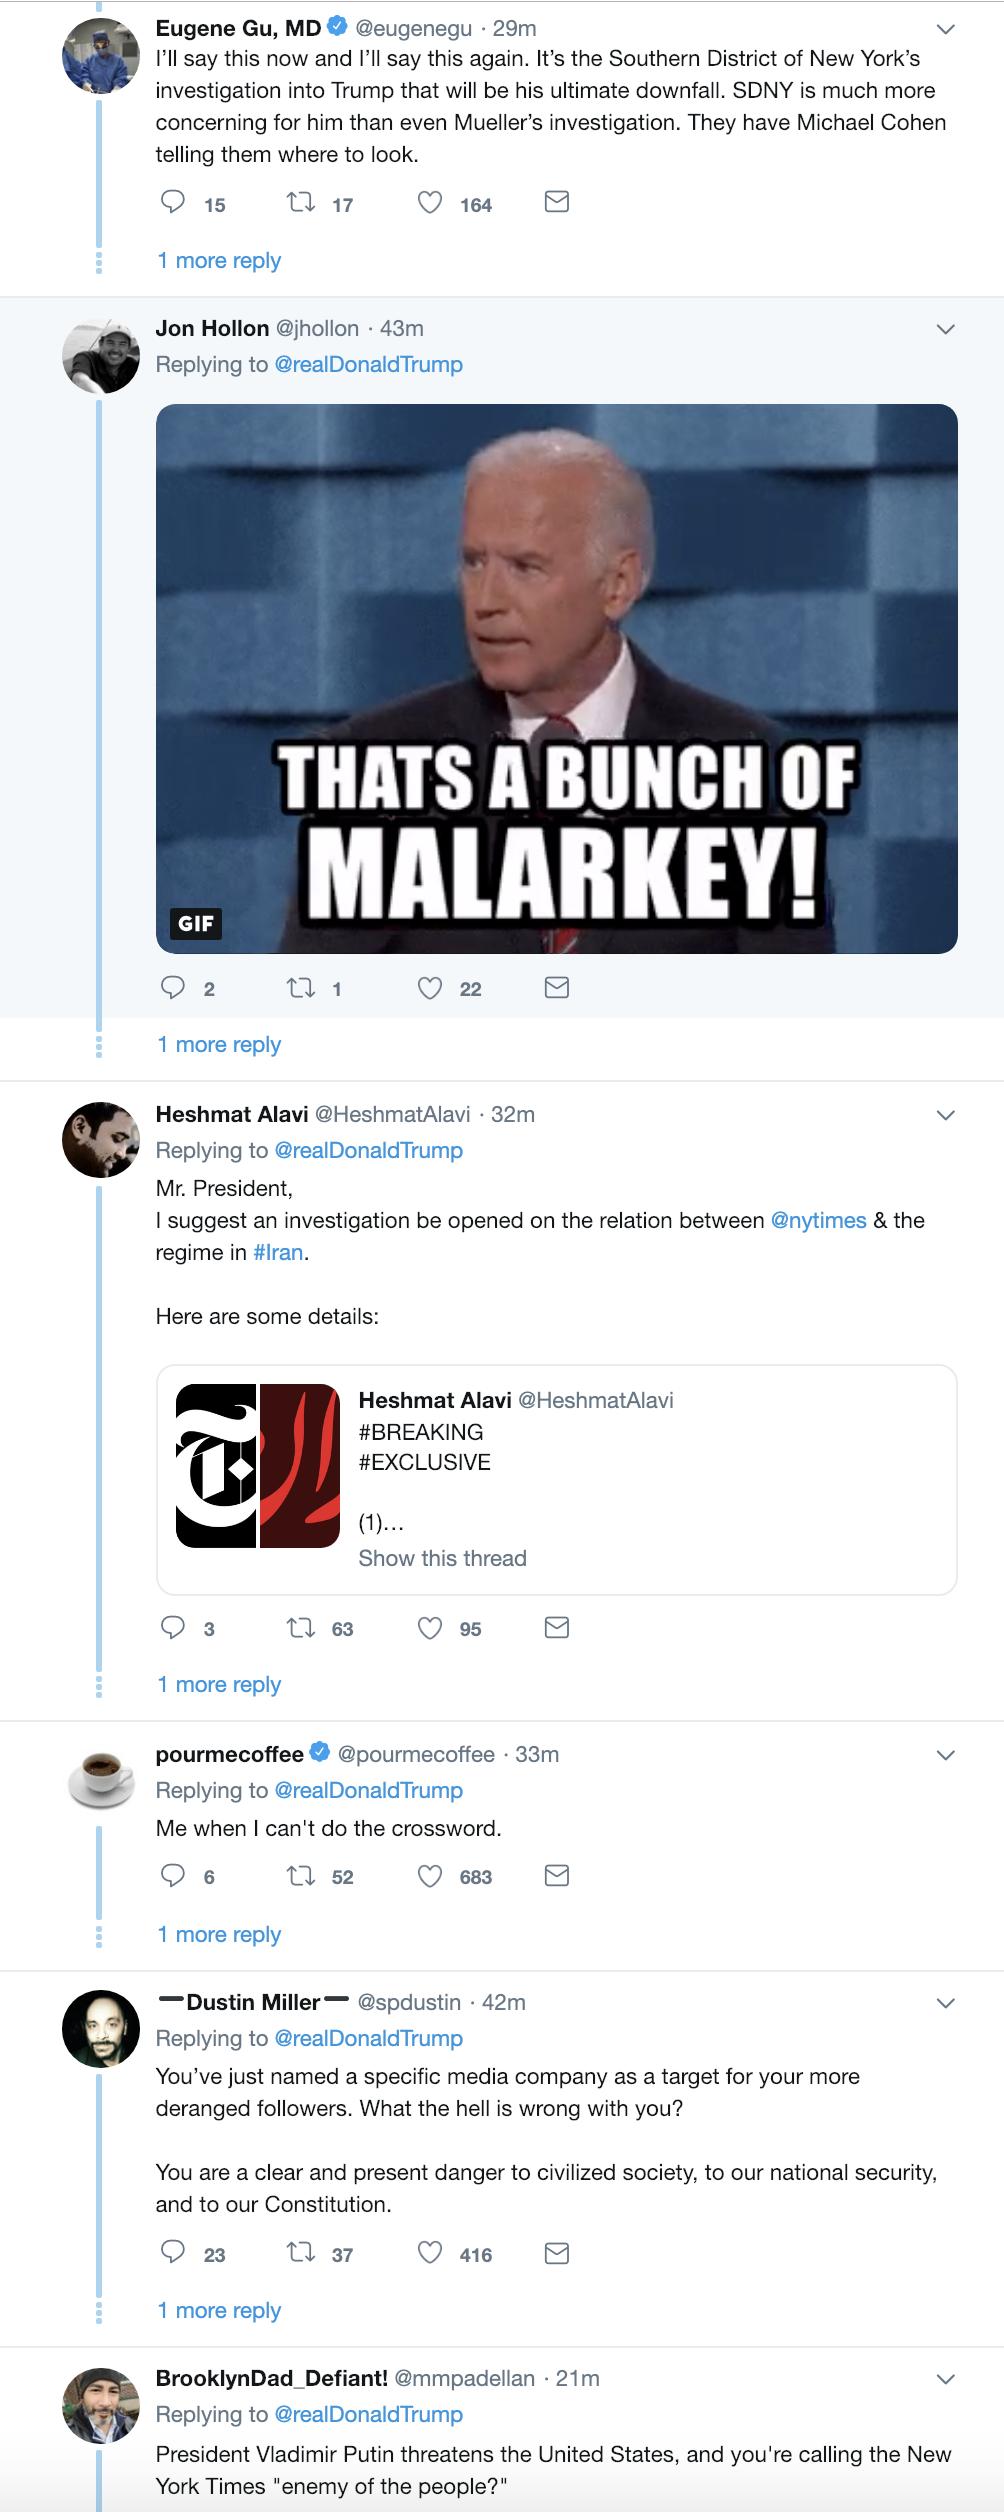 Screen-Shot-2019-02-20-at-8.34.23-AM1 Trump Continues AM Tweet-Attacks, Puts NY Times In Direct Danger Corruption Crime Donald Trump Media Mueller Politics Robert Mueller Russia Top Stories